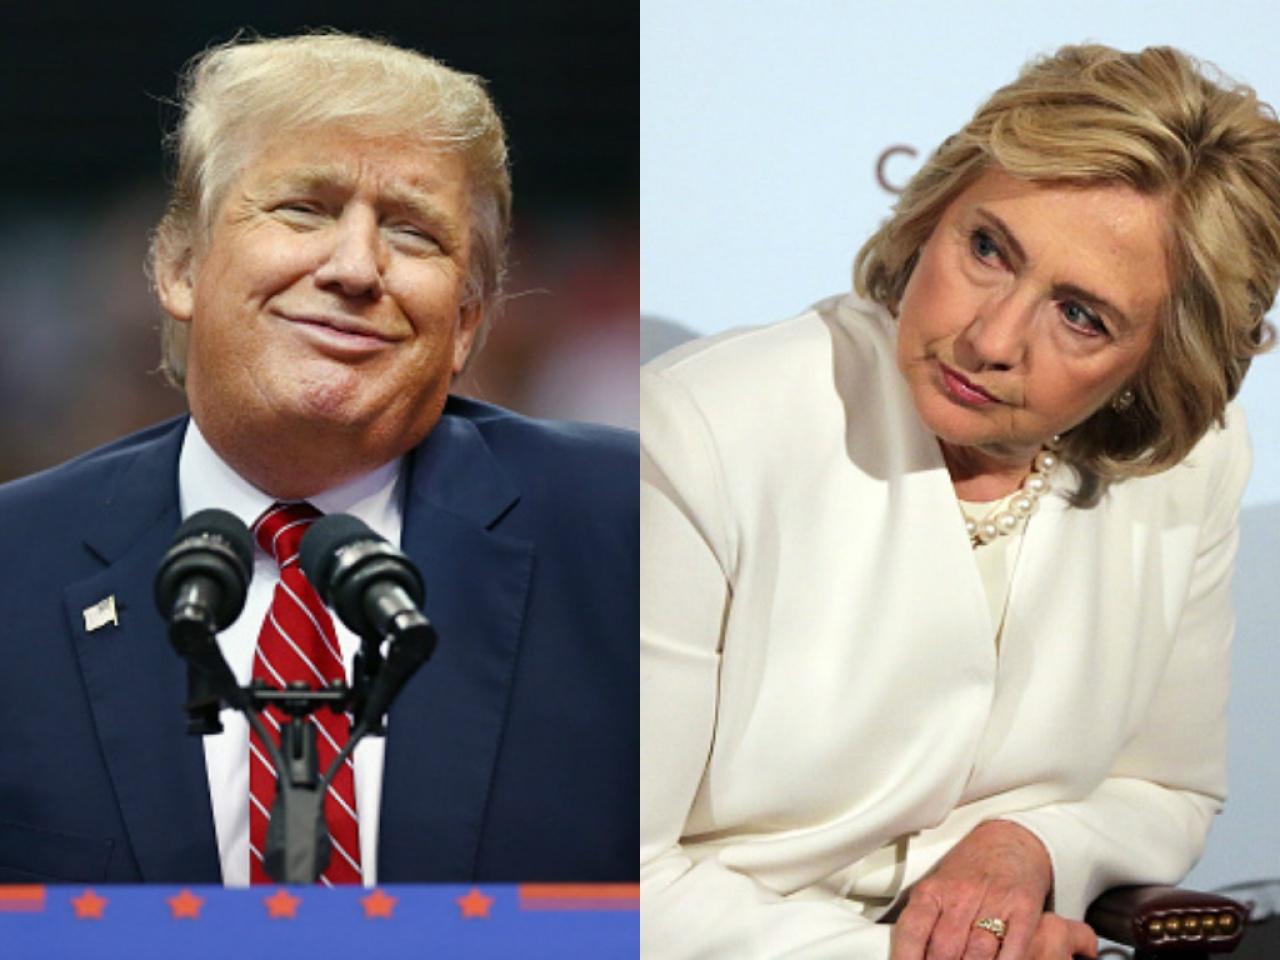 民調顯示,特朗普支持度首勝希拉里0.2個百分點。(Getty Images)